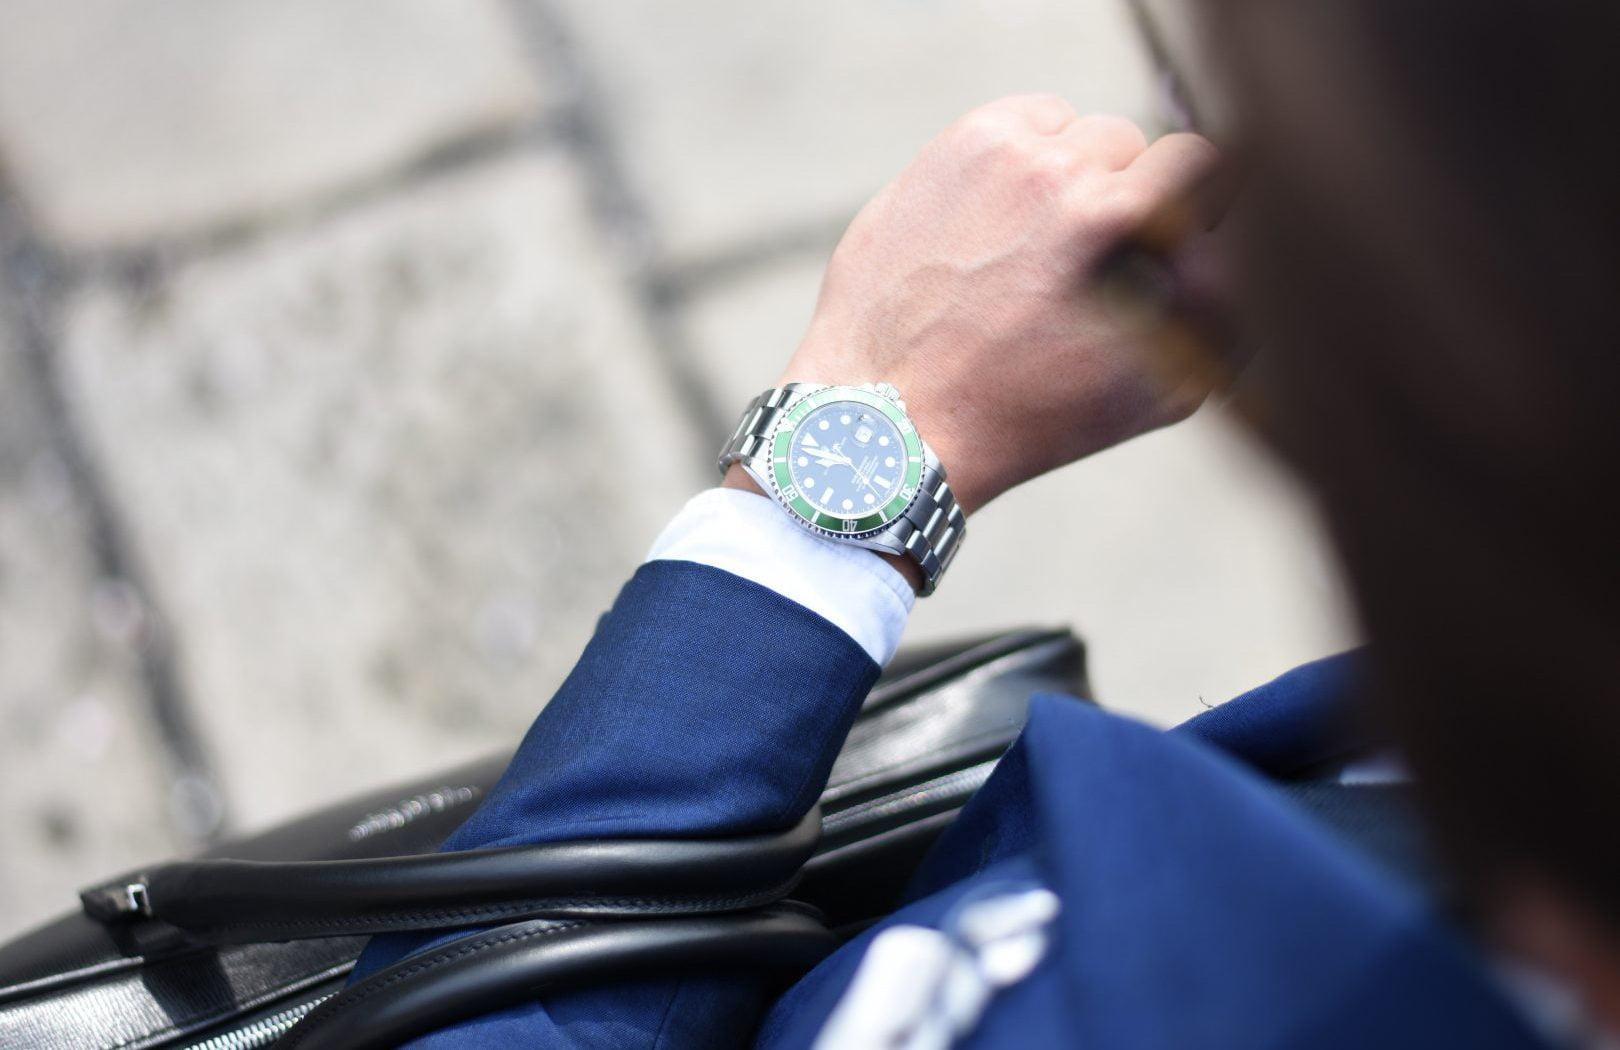 Zegarek na ręce